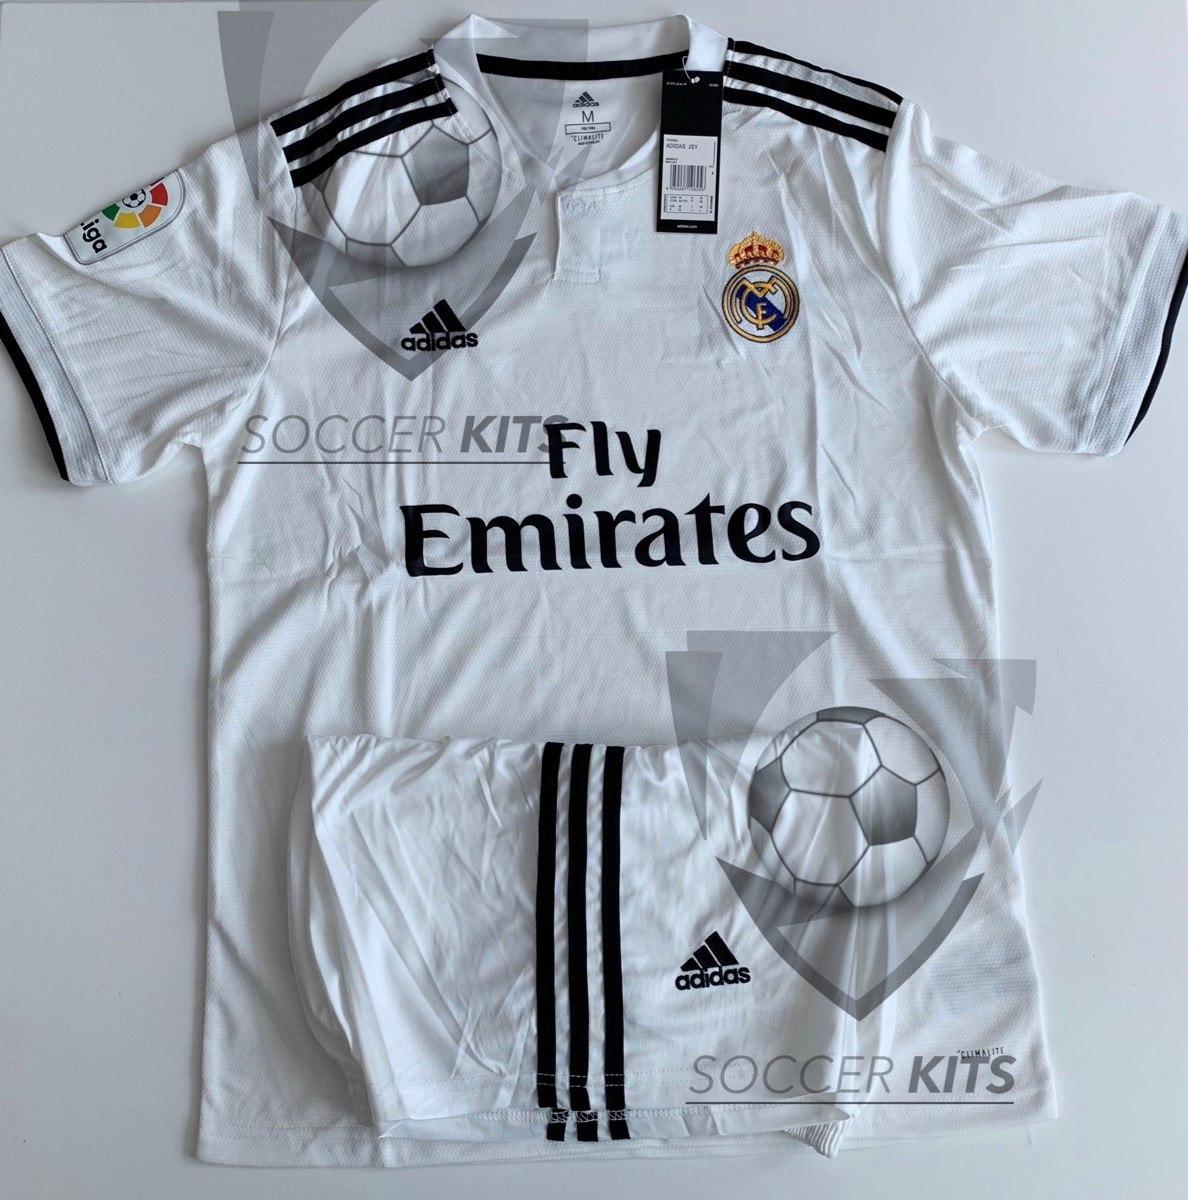 Uniformes De Futbol Originales Super Precio! -   529.00 en Mercado Libre 667b4ee9c2a4d